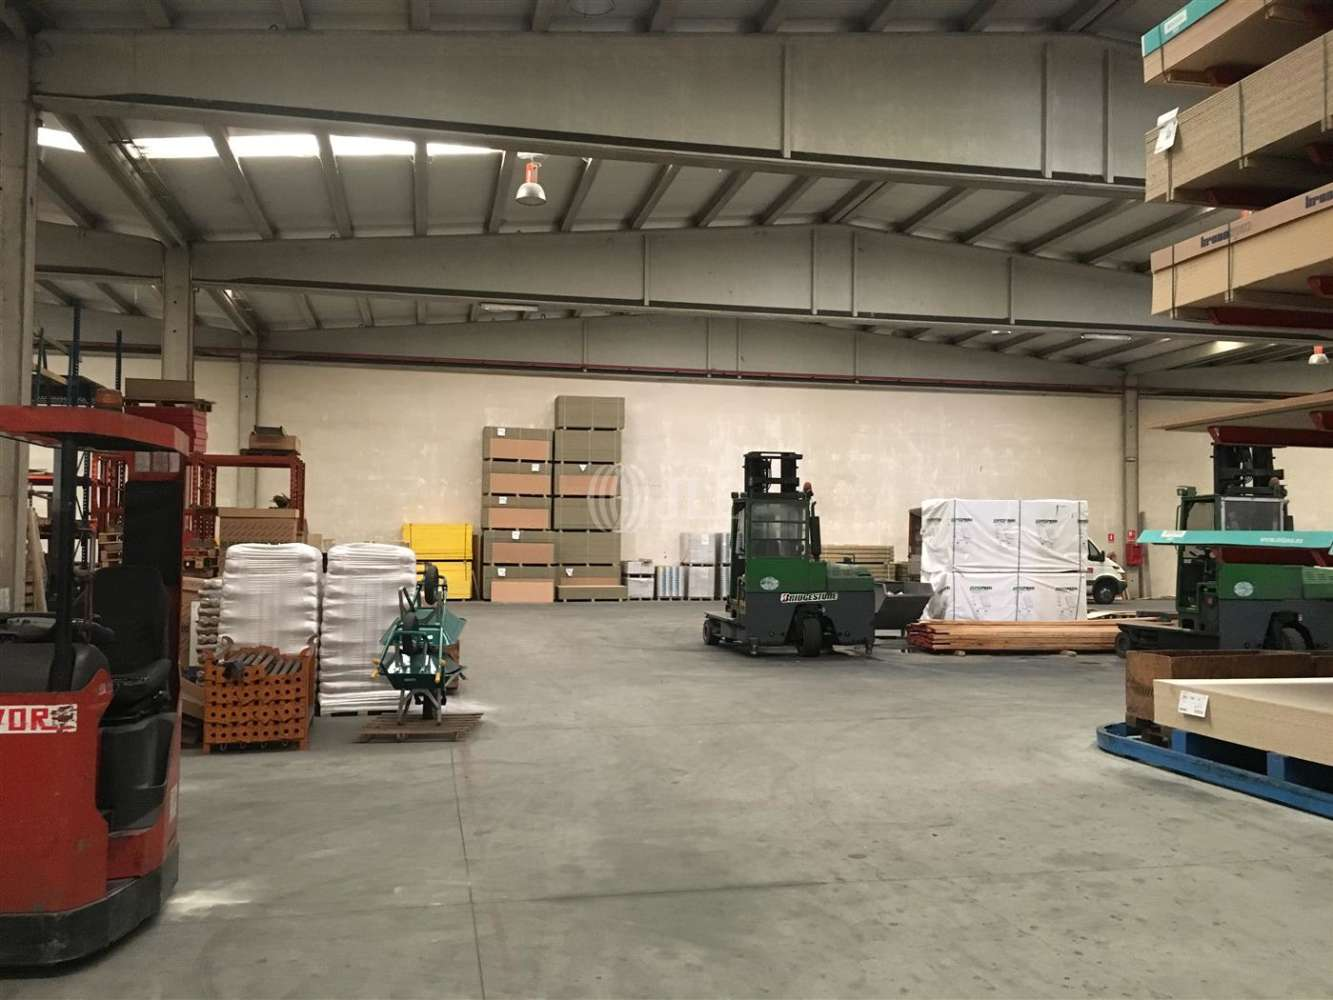 Naves industriales y logísticas Burgos, 09001 - Nave Industrial - B0489 NAVE INDUSTRIAL EN ALQUILER / VENTA - Pol. Ind. Villalonquéjar - BURGOS - 16918